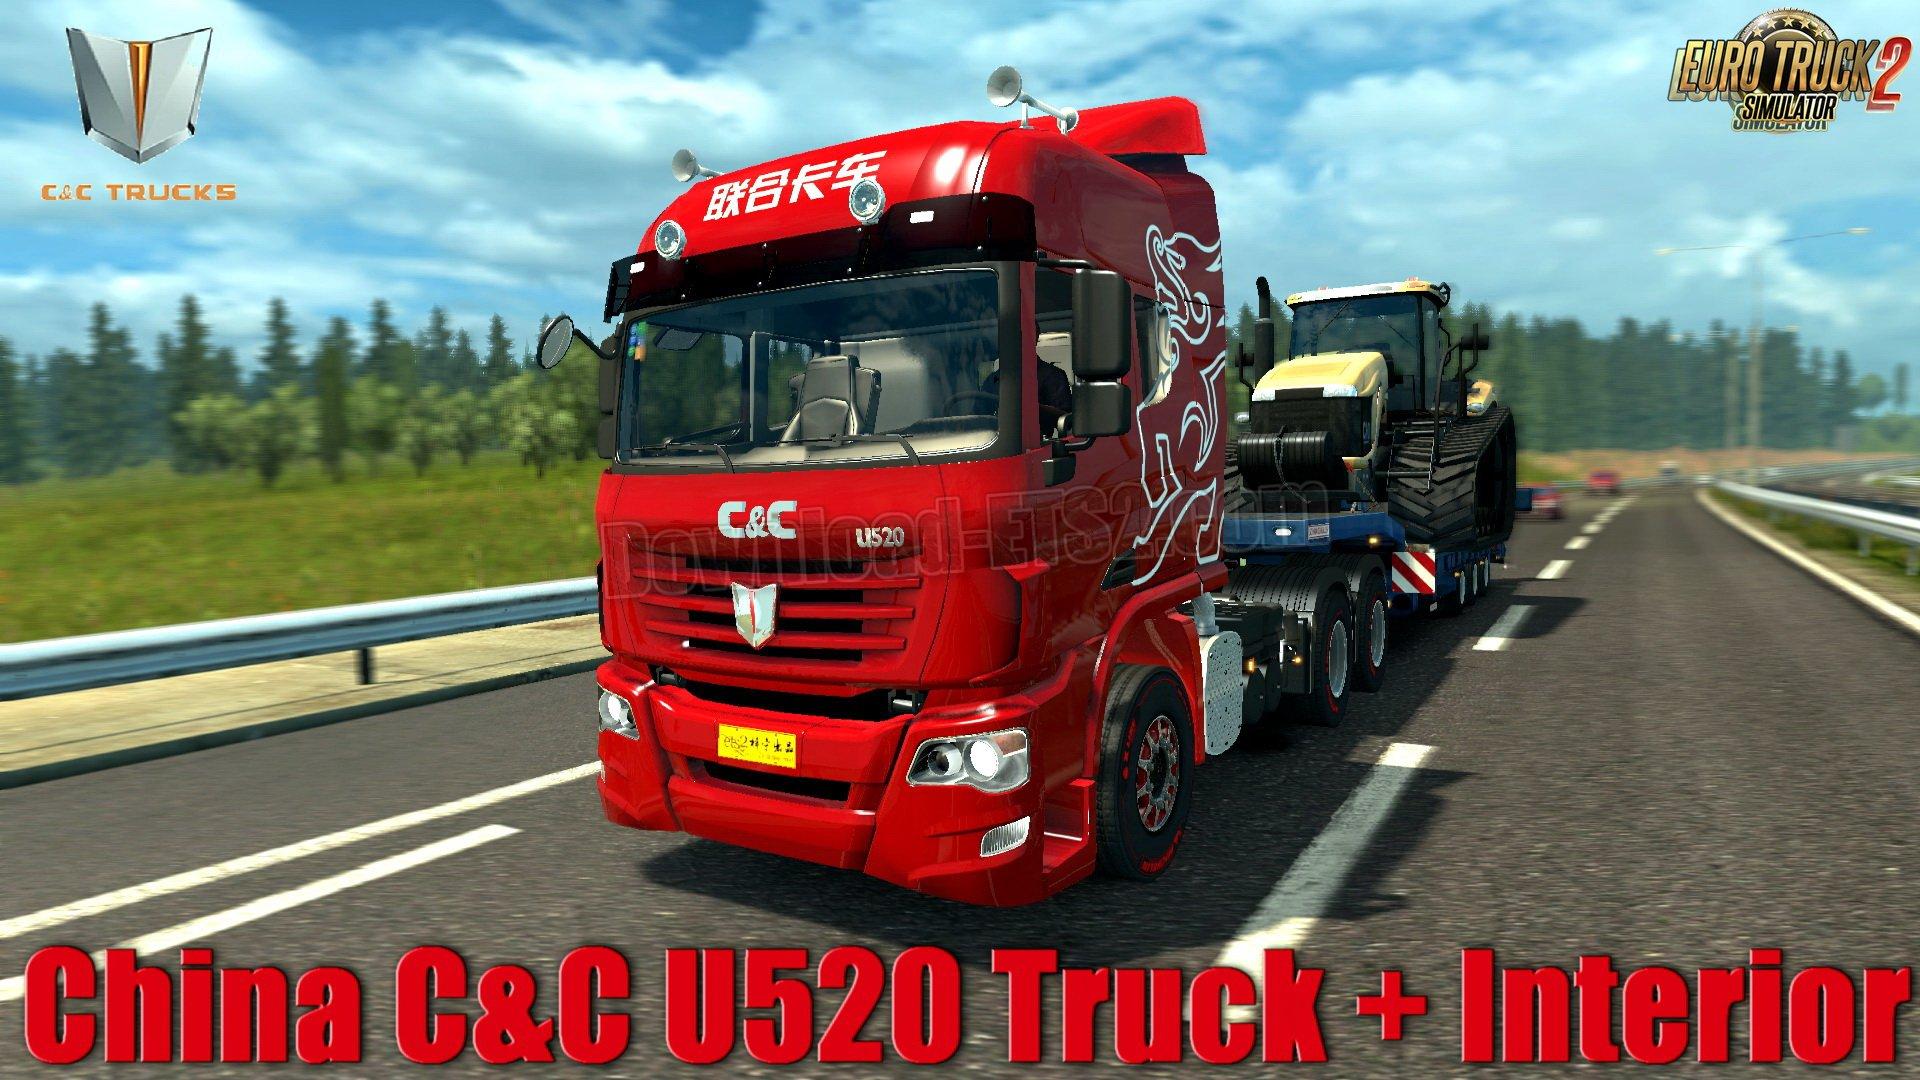 China C&C U520 Truck + Interior v1.0 (1.31.x)